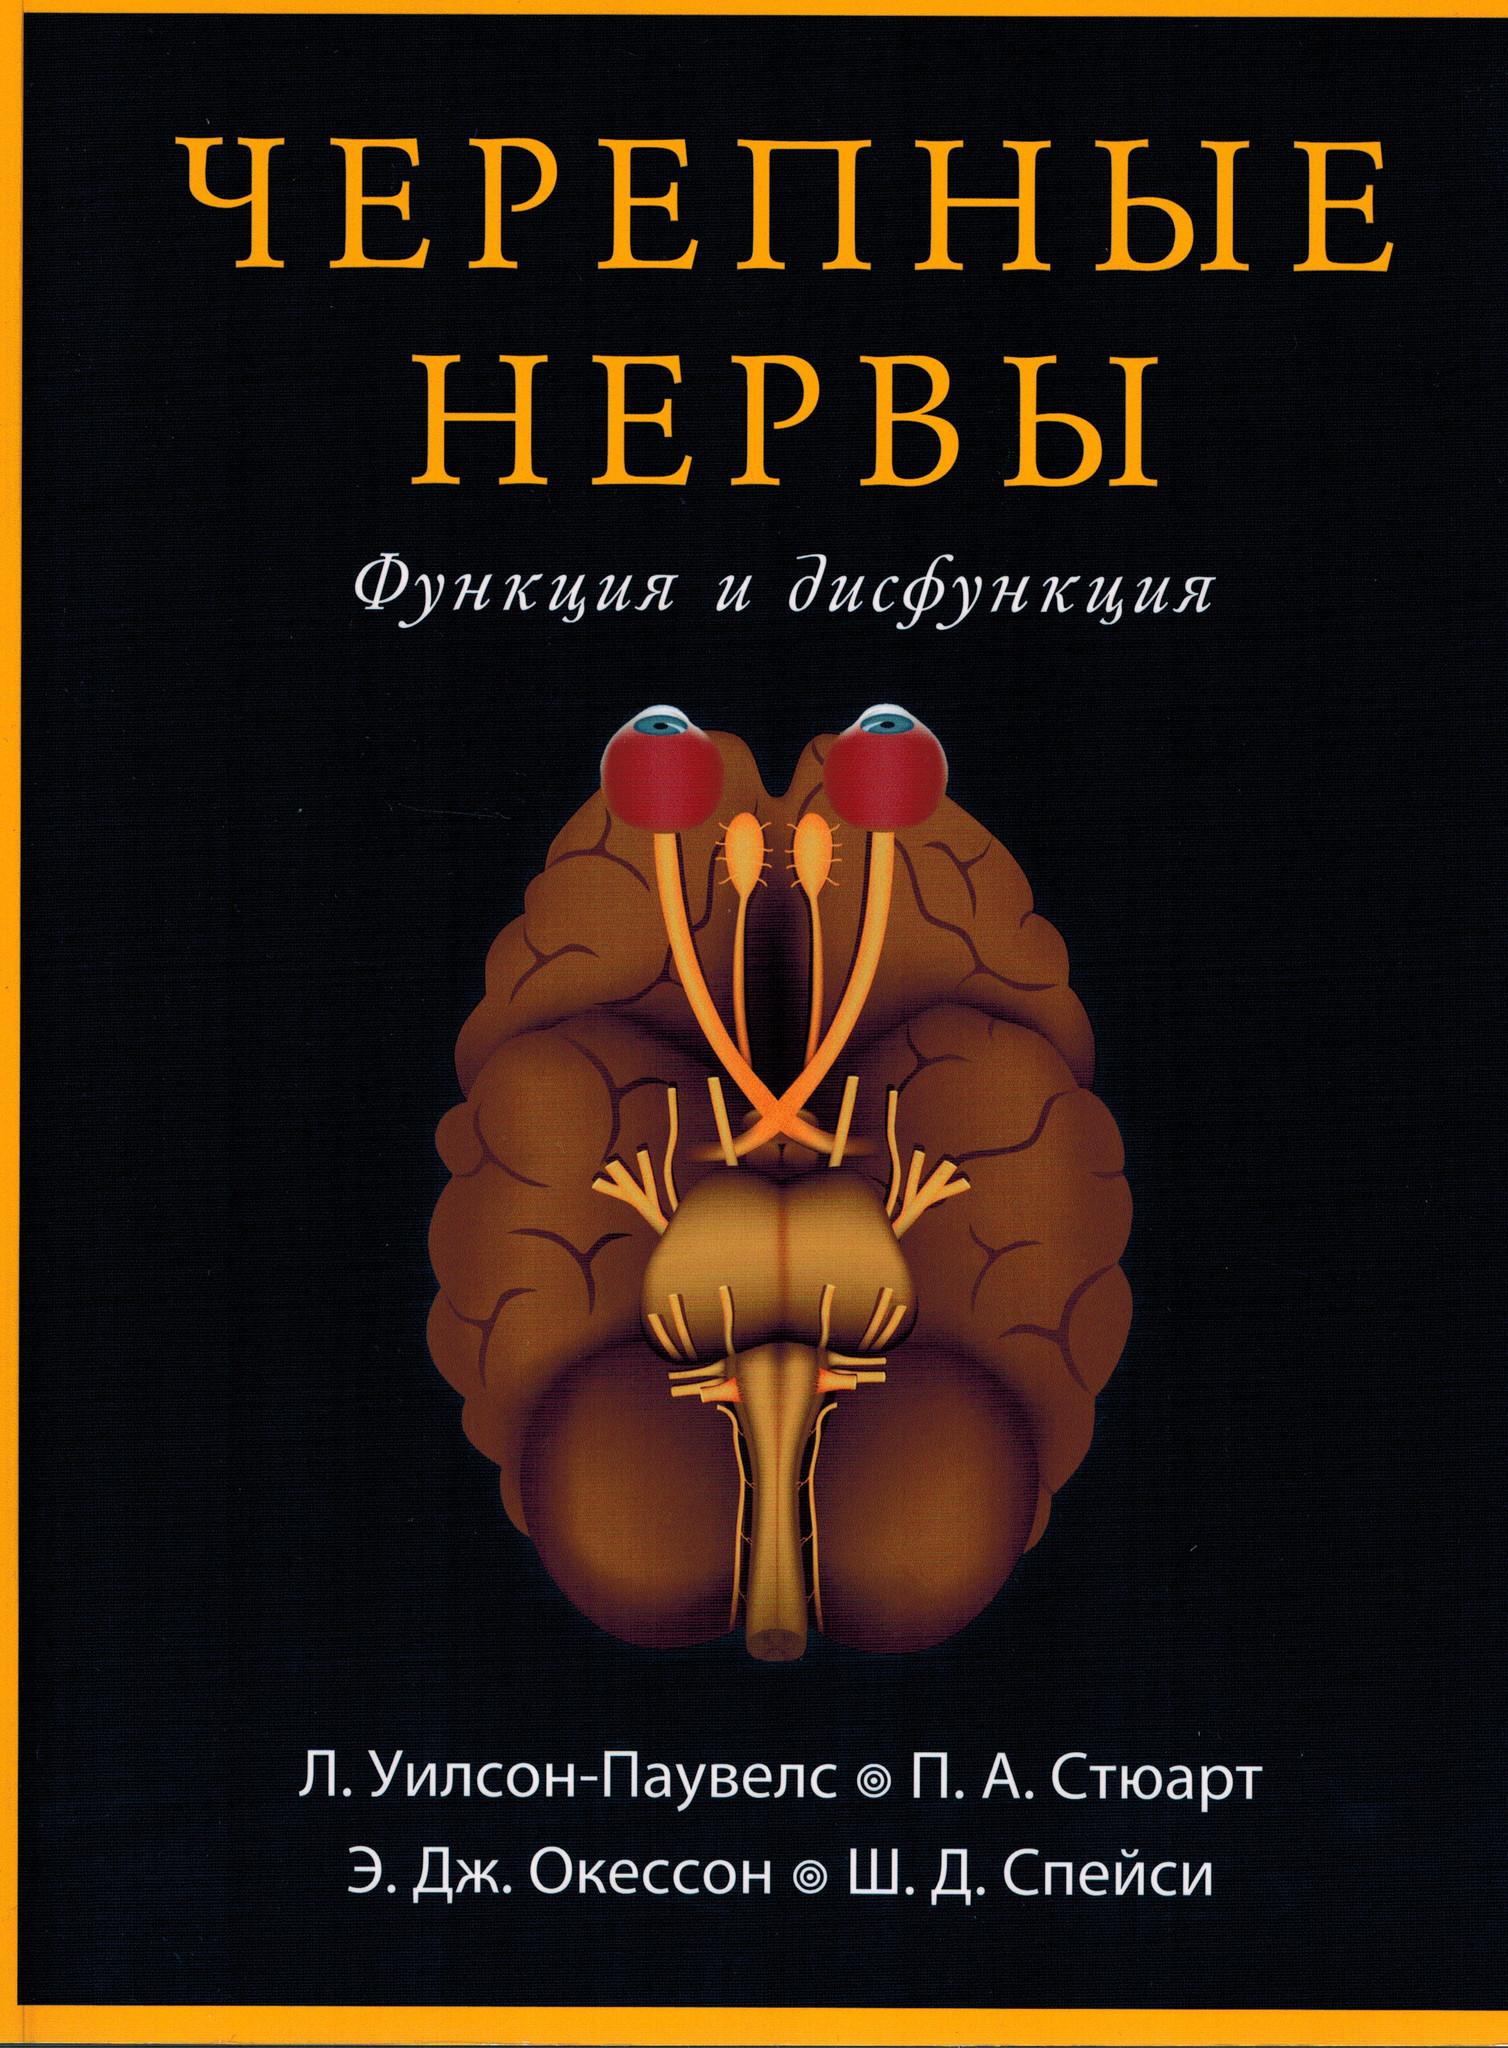 Травматология и Ортопедия Черепные нервы. Функция и дисфункция nerv.jpg